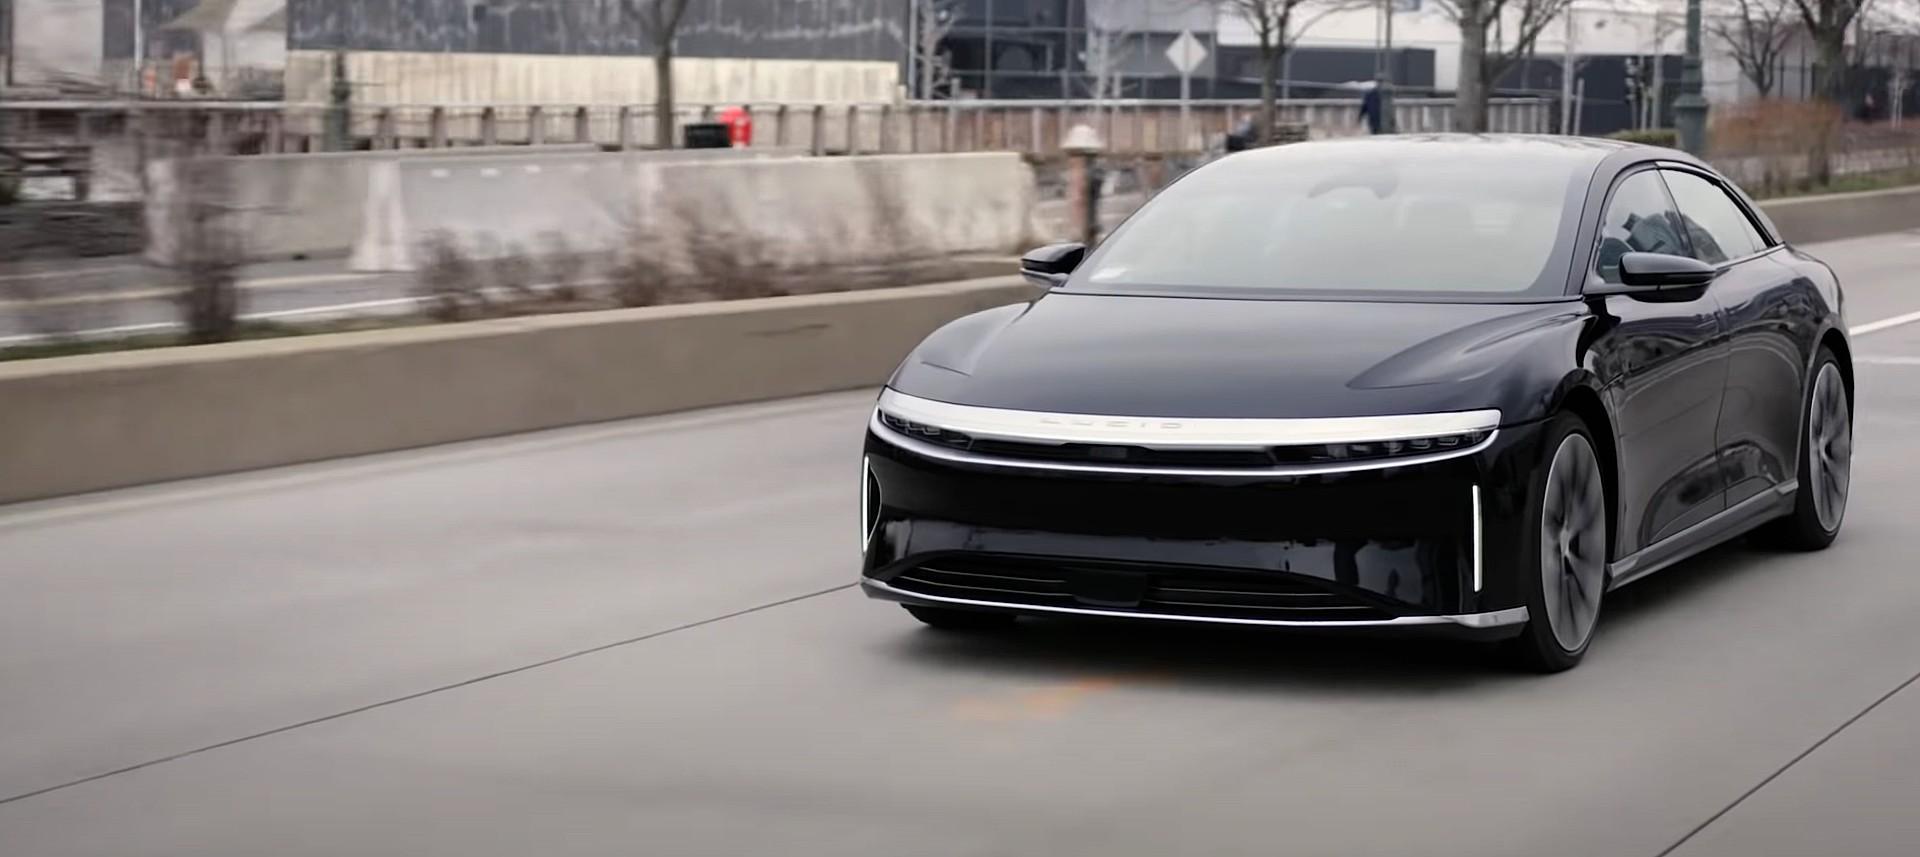 Генеральный директор Lucid Motors прогнозирует «значительный рост» в 2022 году, но не собирается достигать цели в 20 000 электромобилей.